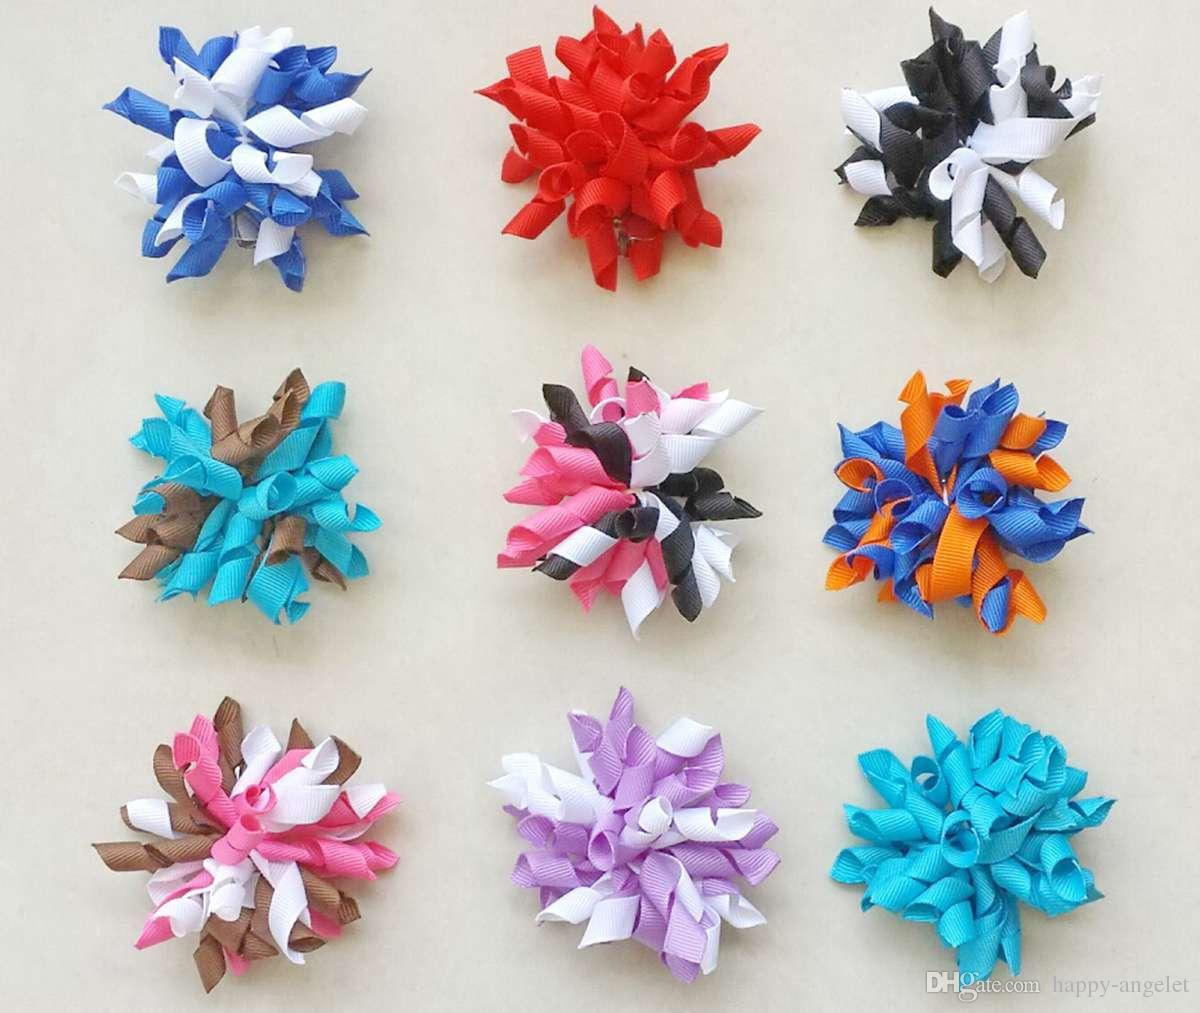 20pcs 2.5 Zoll Baby Romantische Blumen corker HaarBarrettes Bögen Lockenwickler korker Band Haarspange Haar bobbles Haarschmuck Kinder PD007